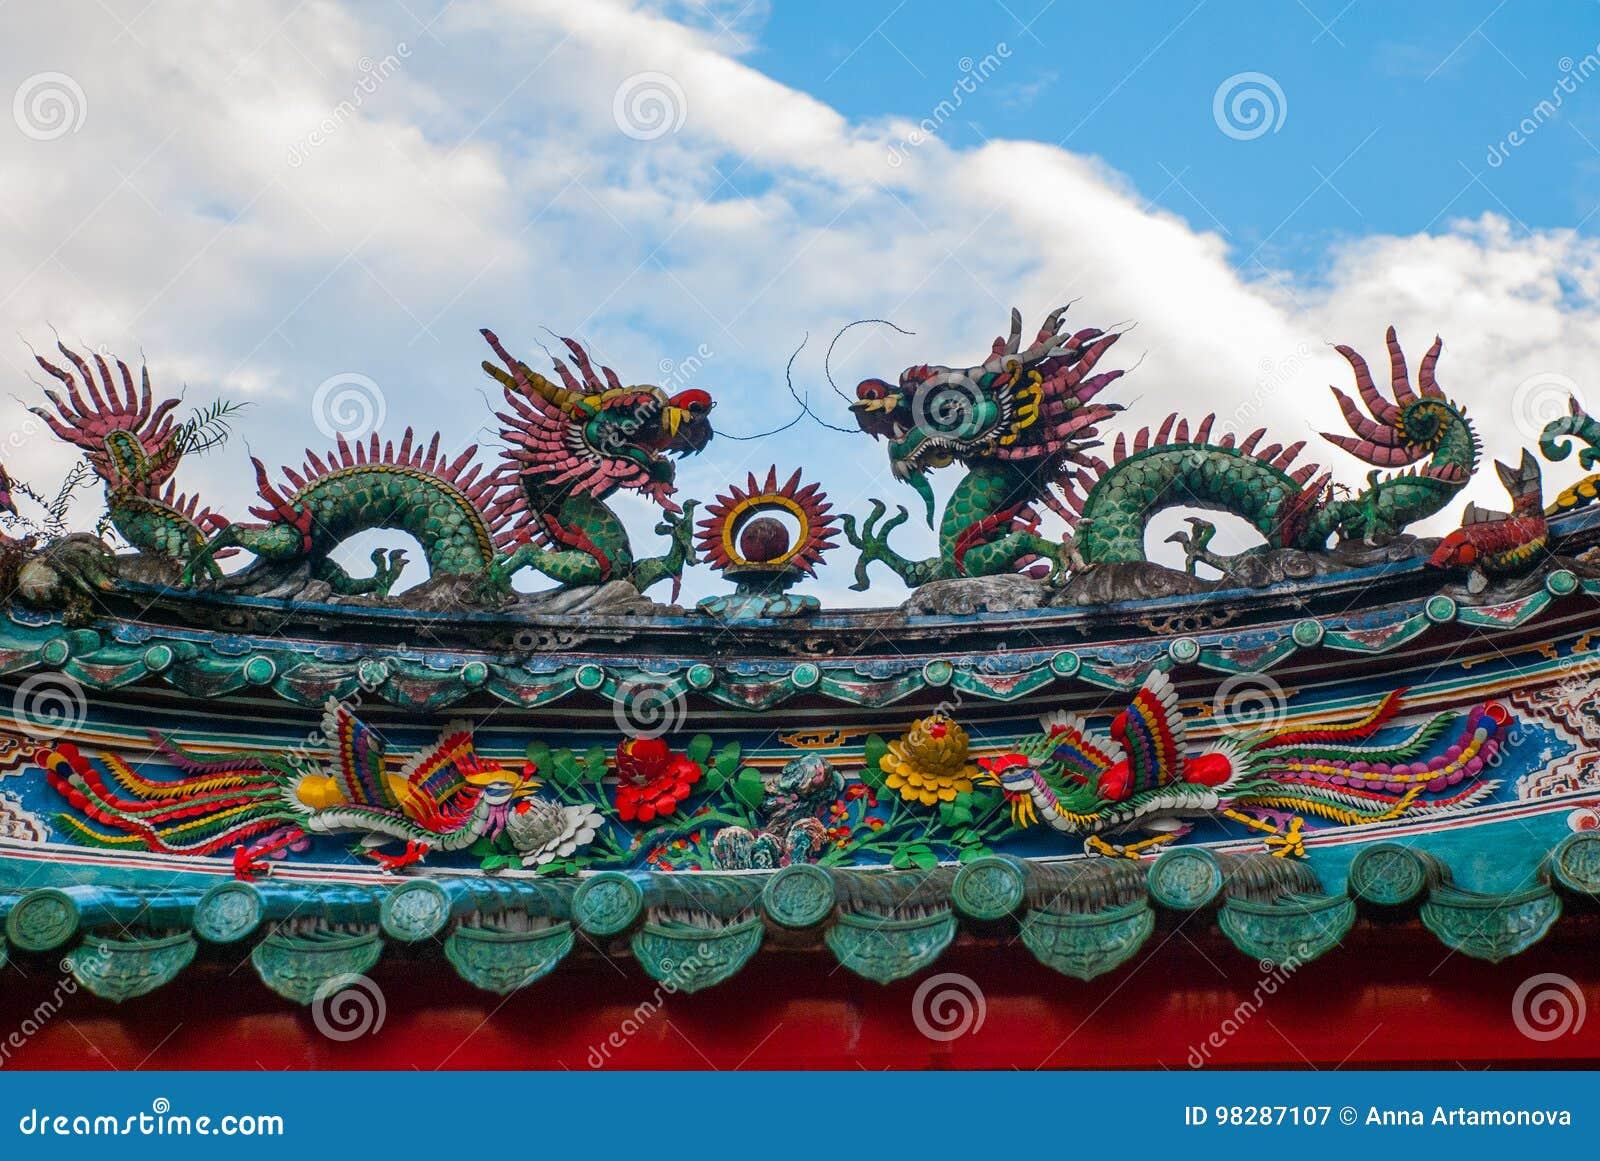 Tempio cinese in Chinatown Kuching, Sarawak malaysia borneo